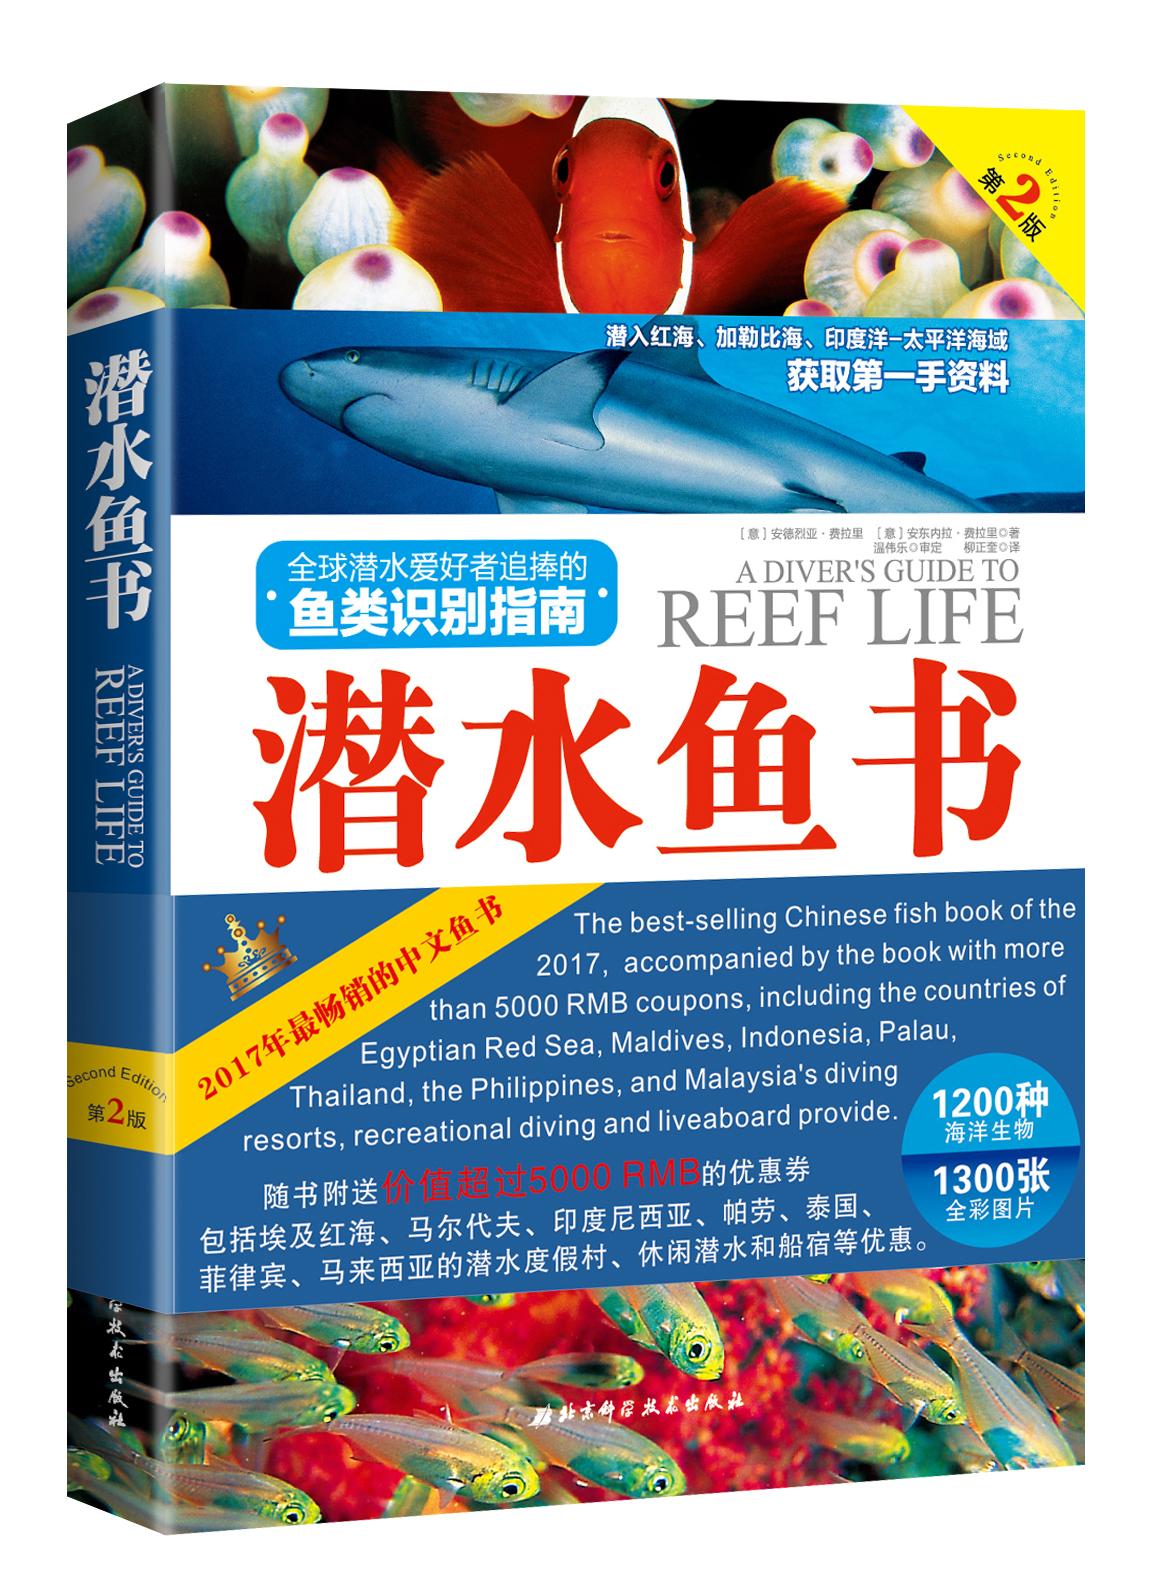 [ скрытая тур ] дайвинг рыба книга A Diver's Guide to Reef Life на китайском языке 17 год 9 новый месяц издание